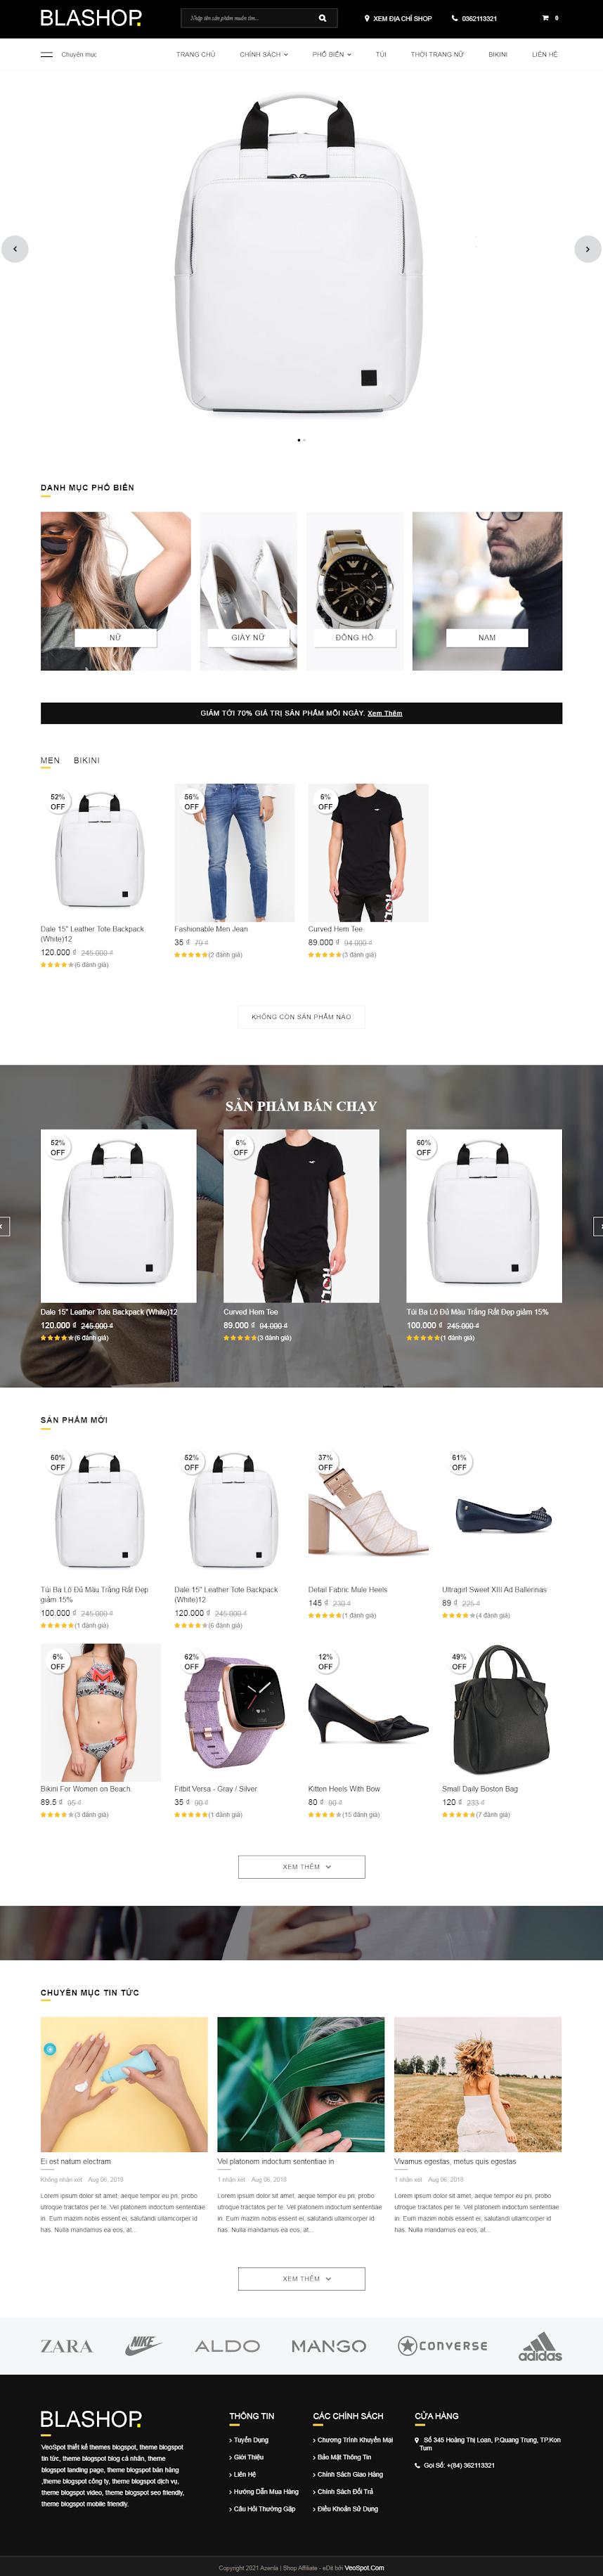 BlaShop template bán hàng đẹp, chuyên nghiệp